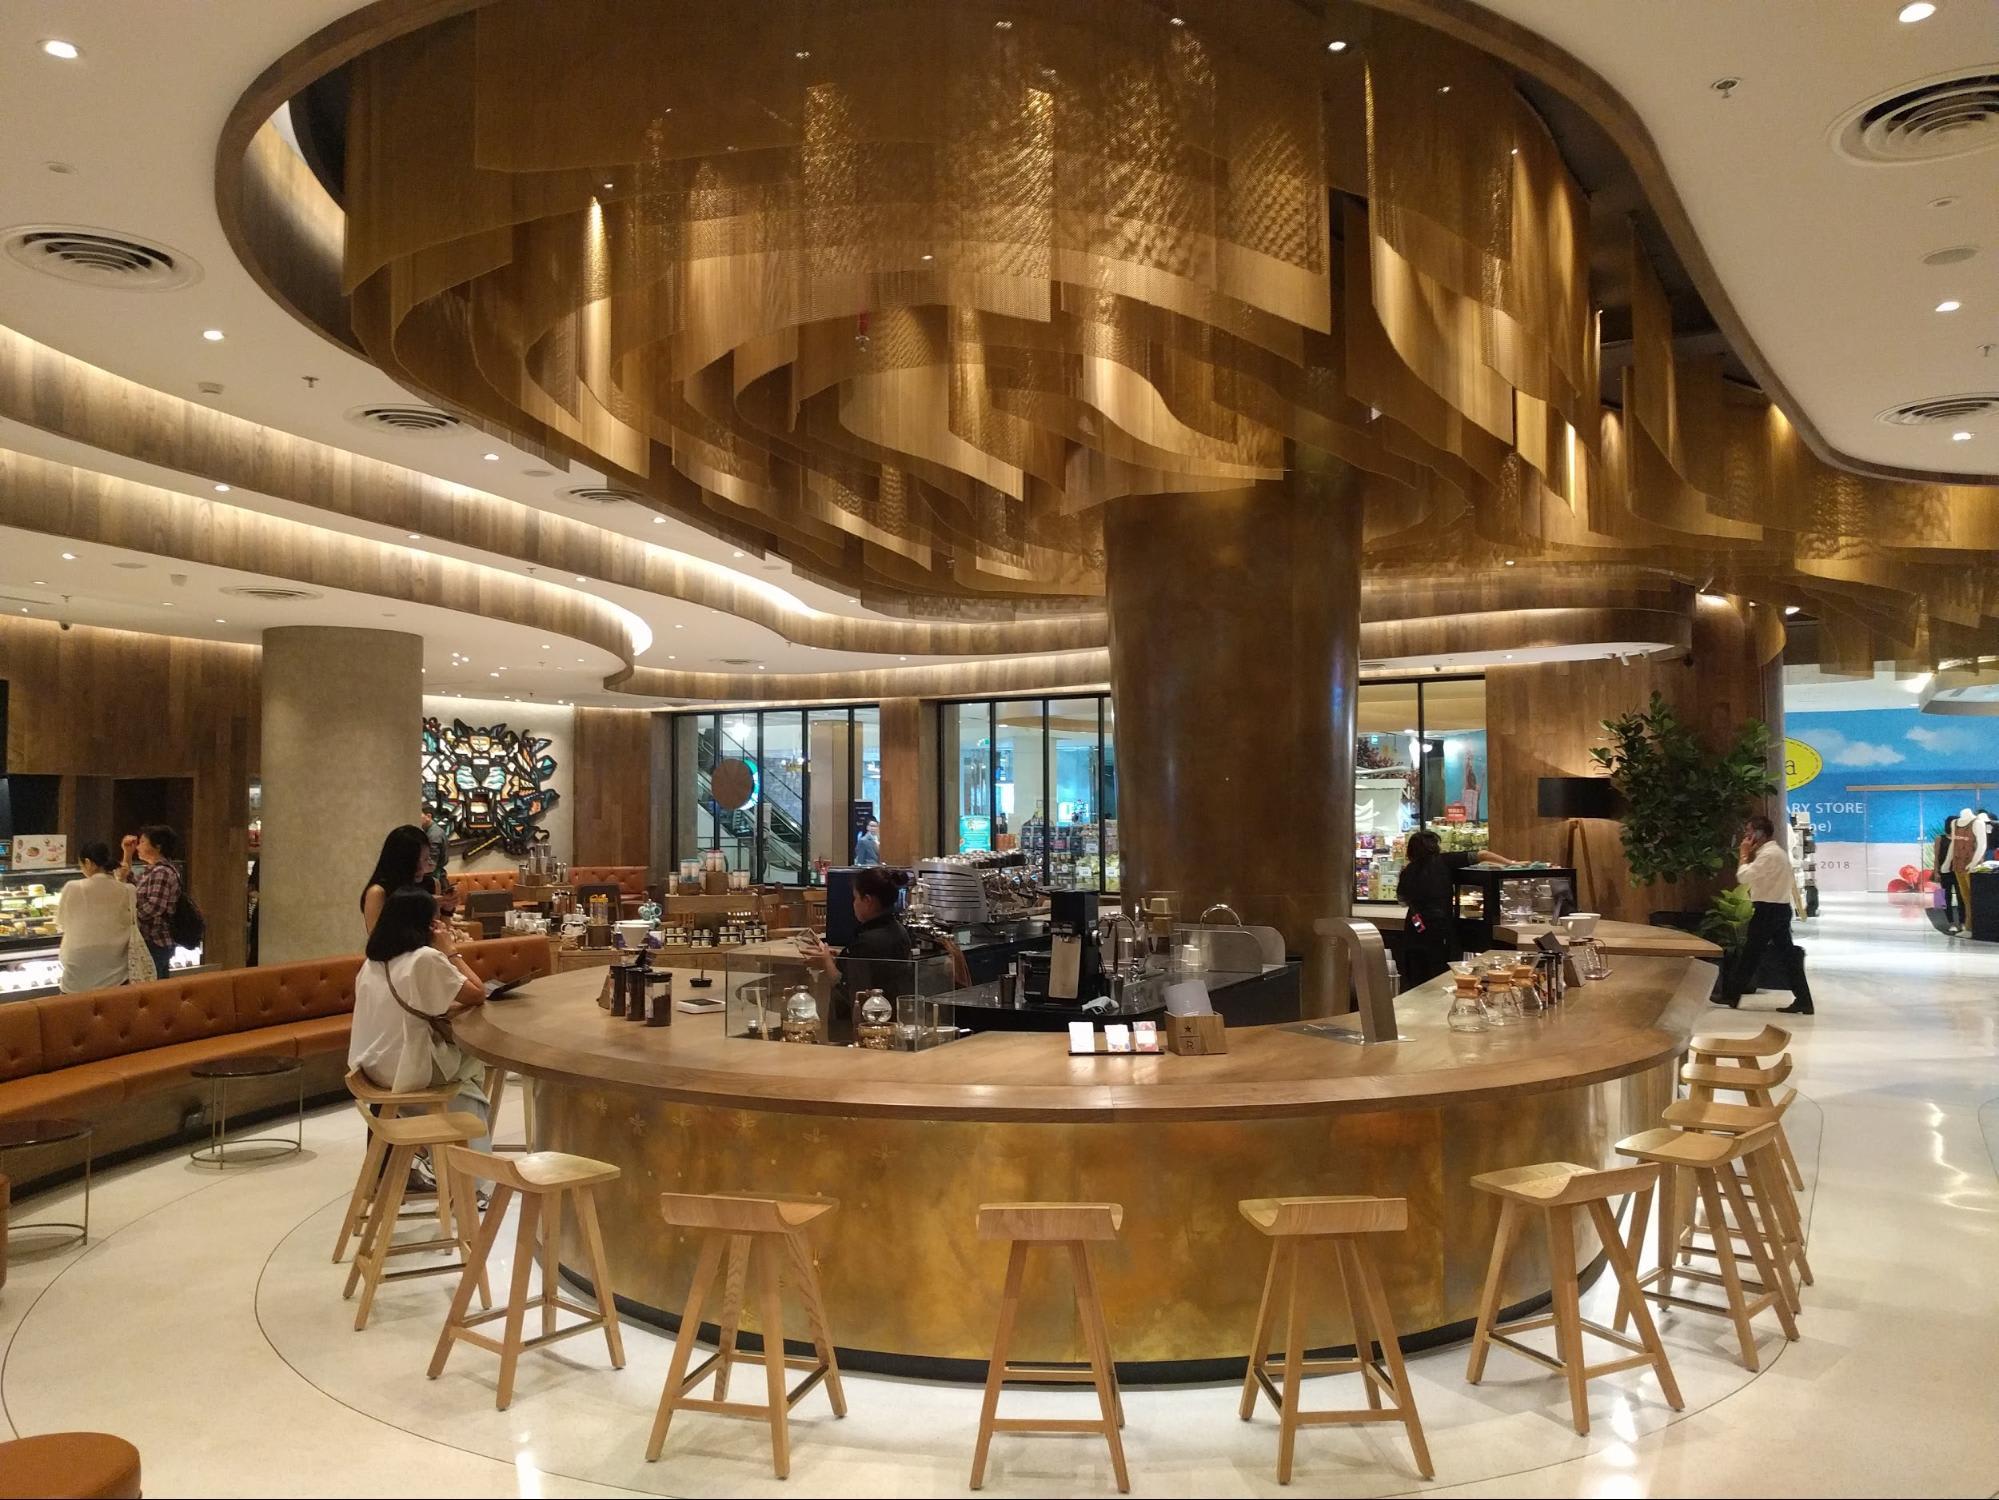 Cửa hàng Starbucks lớn thứ 2 thế giới có mặt tại CentralWorld Bangkok! 2